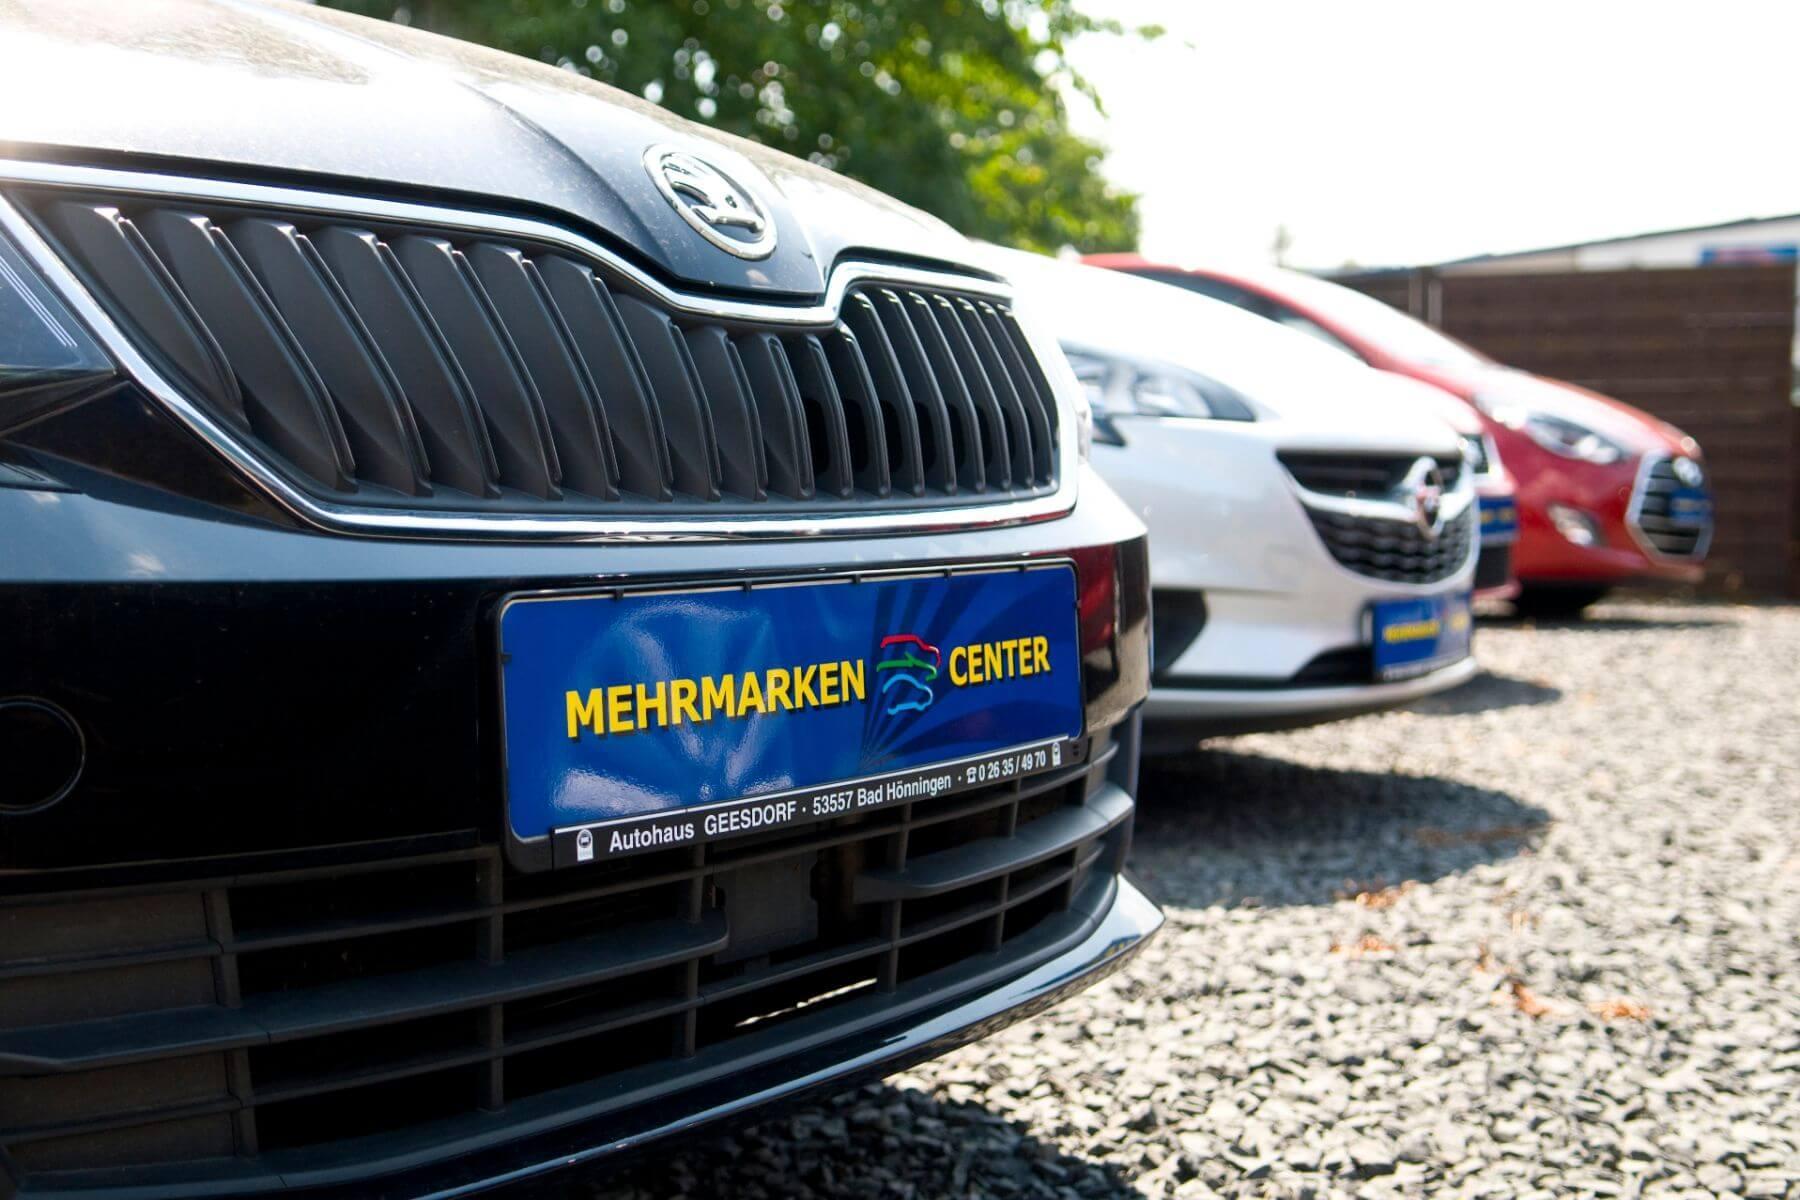 Ihr Spezialist beim Kauf von EU-Neuwagen, Reimporten, Deutschen Neuwagen, Jahreswagen und Gebrauchtwagen